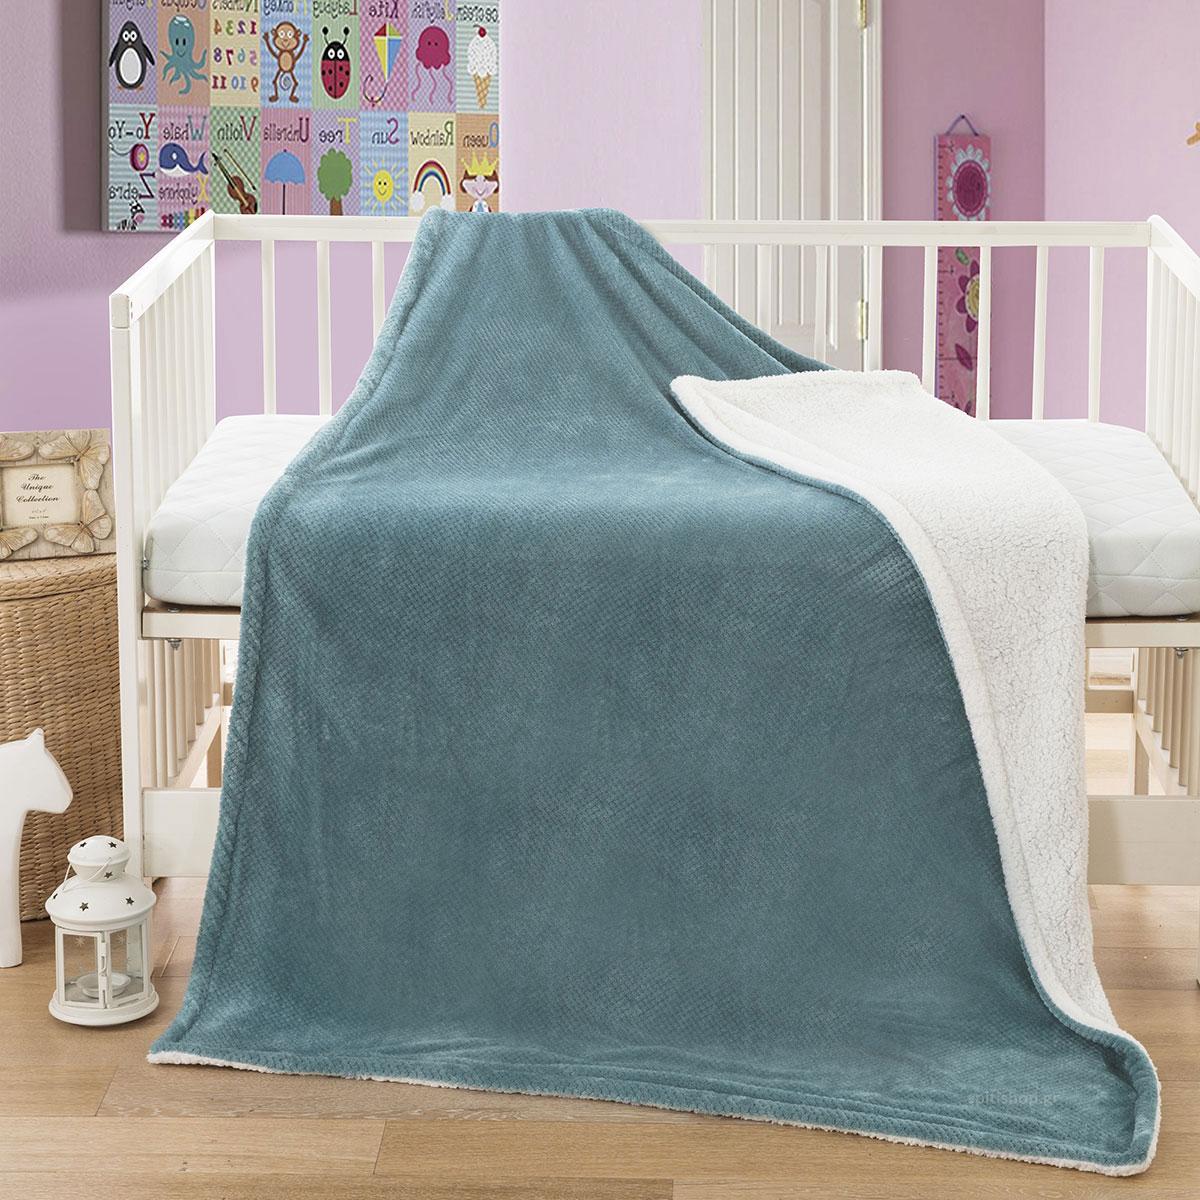 Κουβέρτα Fleece Κούνιας Anna Riska Cozy Lake Blue